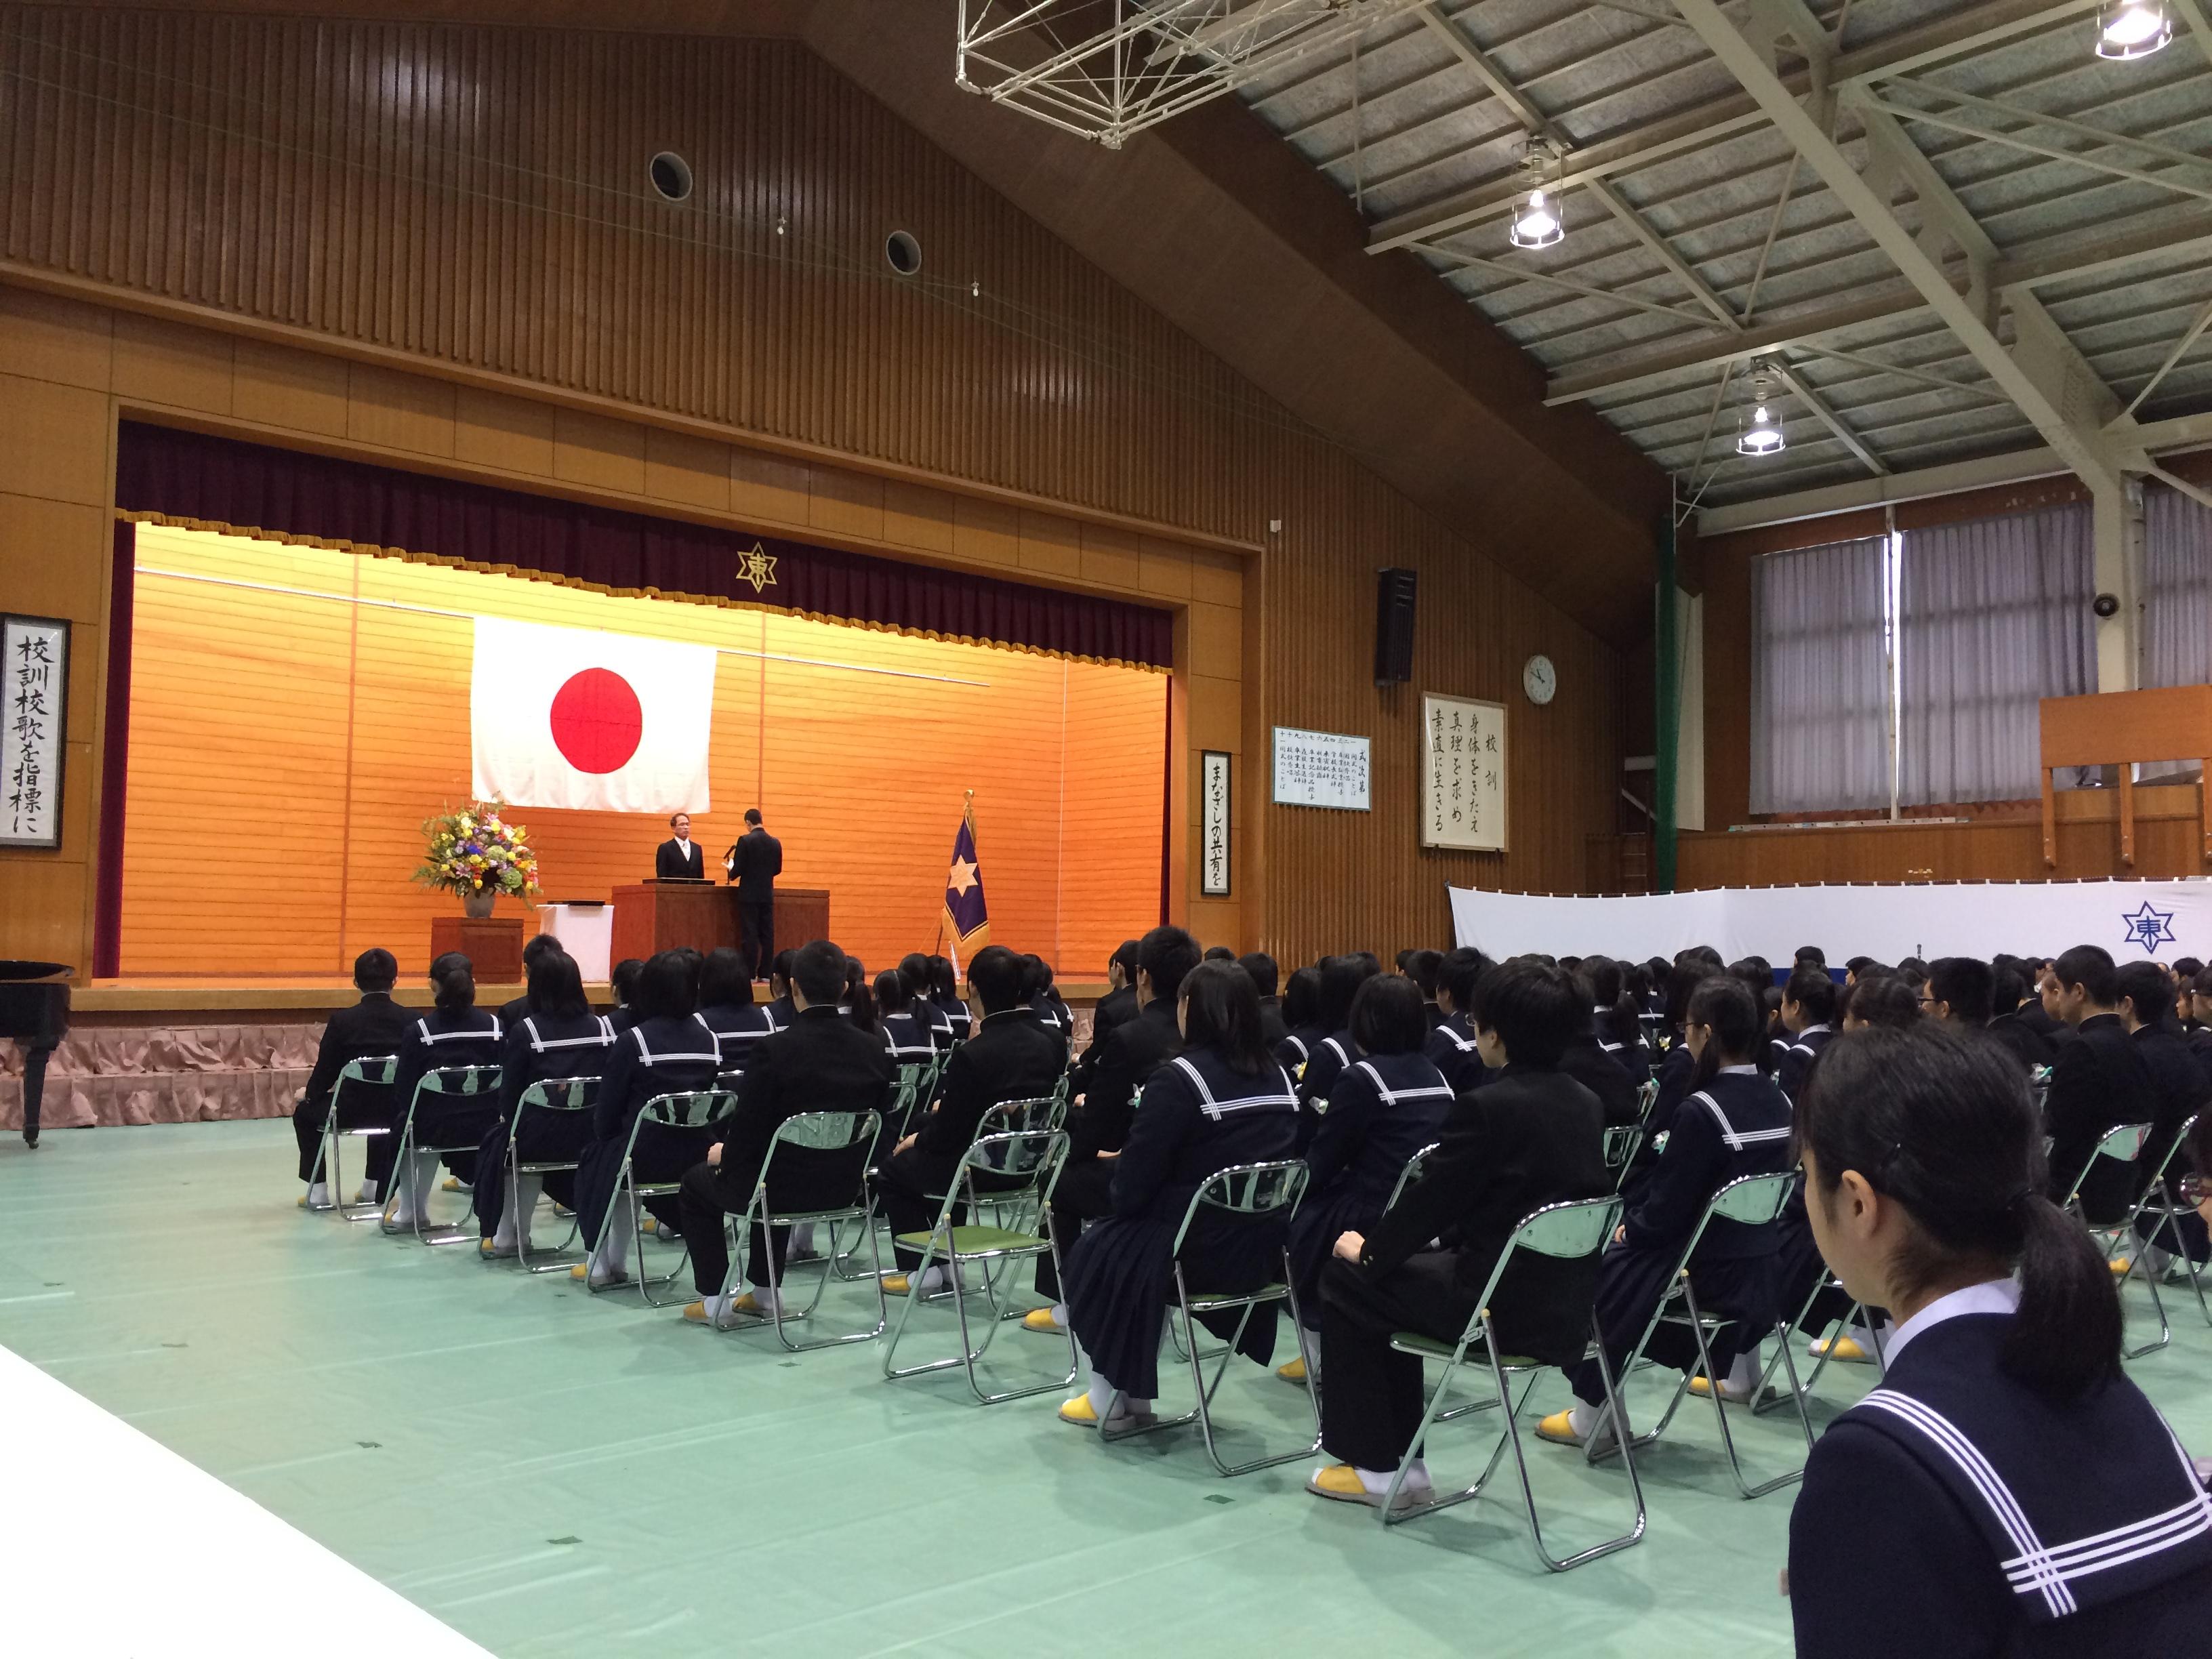 鳥取市立東中学校 卒業証書授与式(館長記) | 社会福祉法人 鳥取こども学園